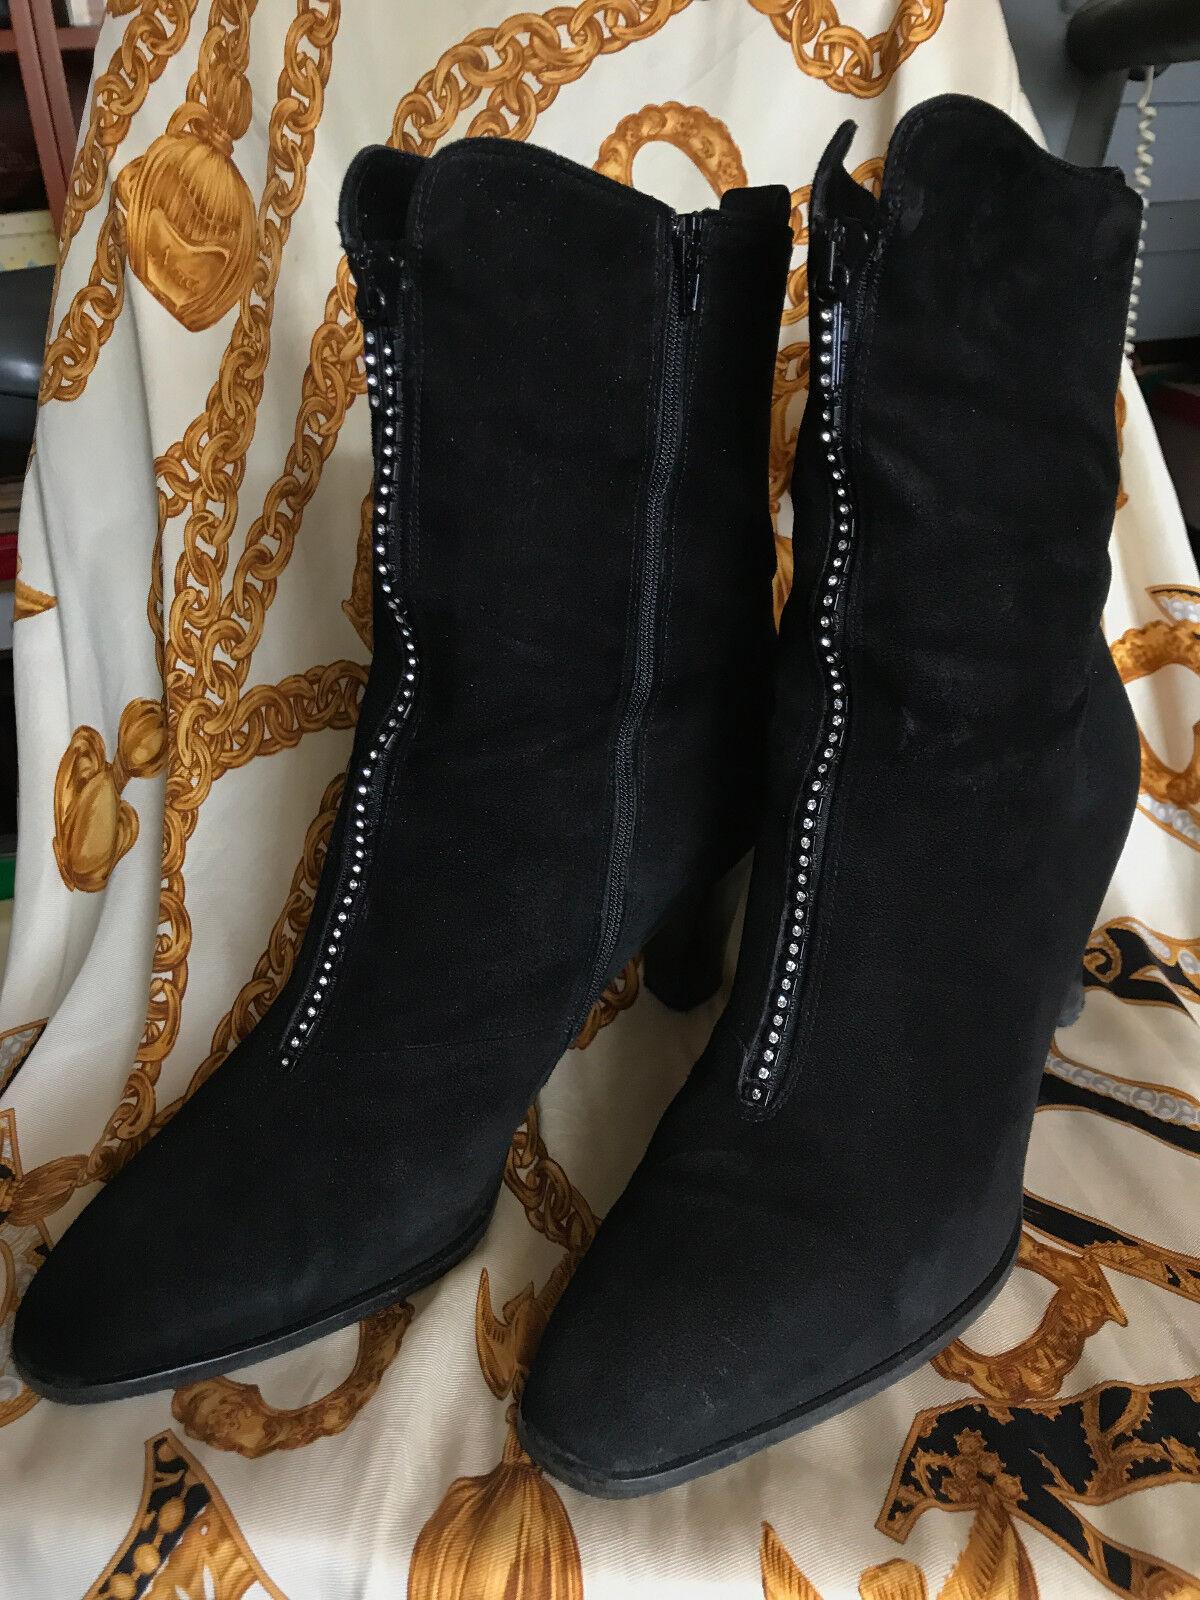 CAVALLI Stiefelette  Ankle Stiefel  Gr. 38,5 Schwarz Wildleder  Vintage